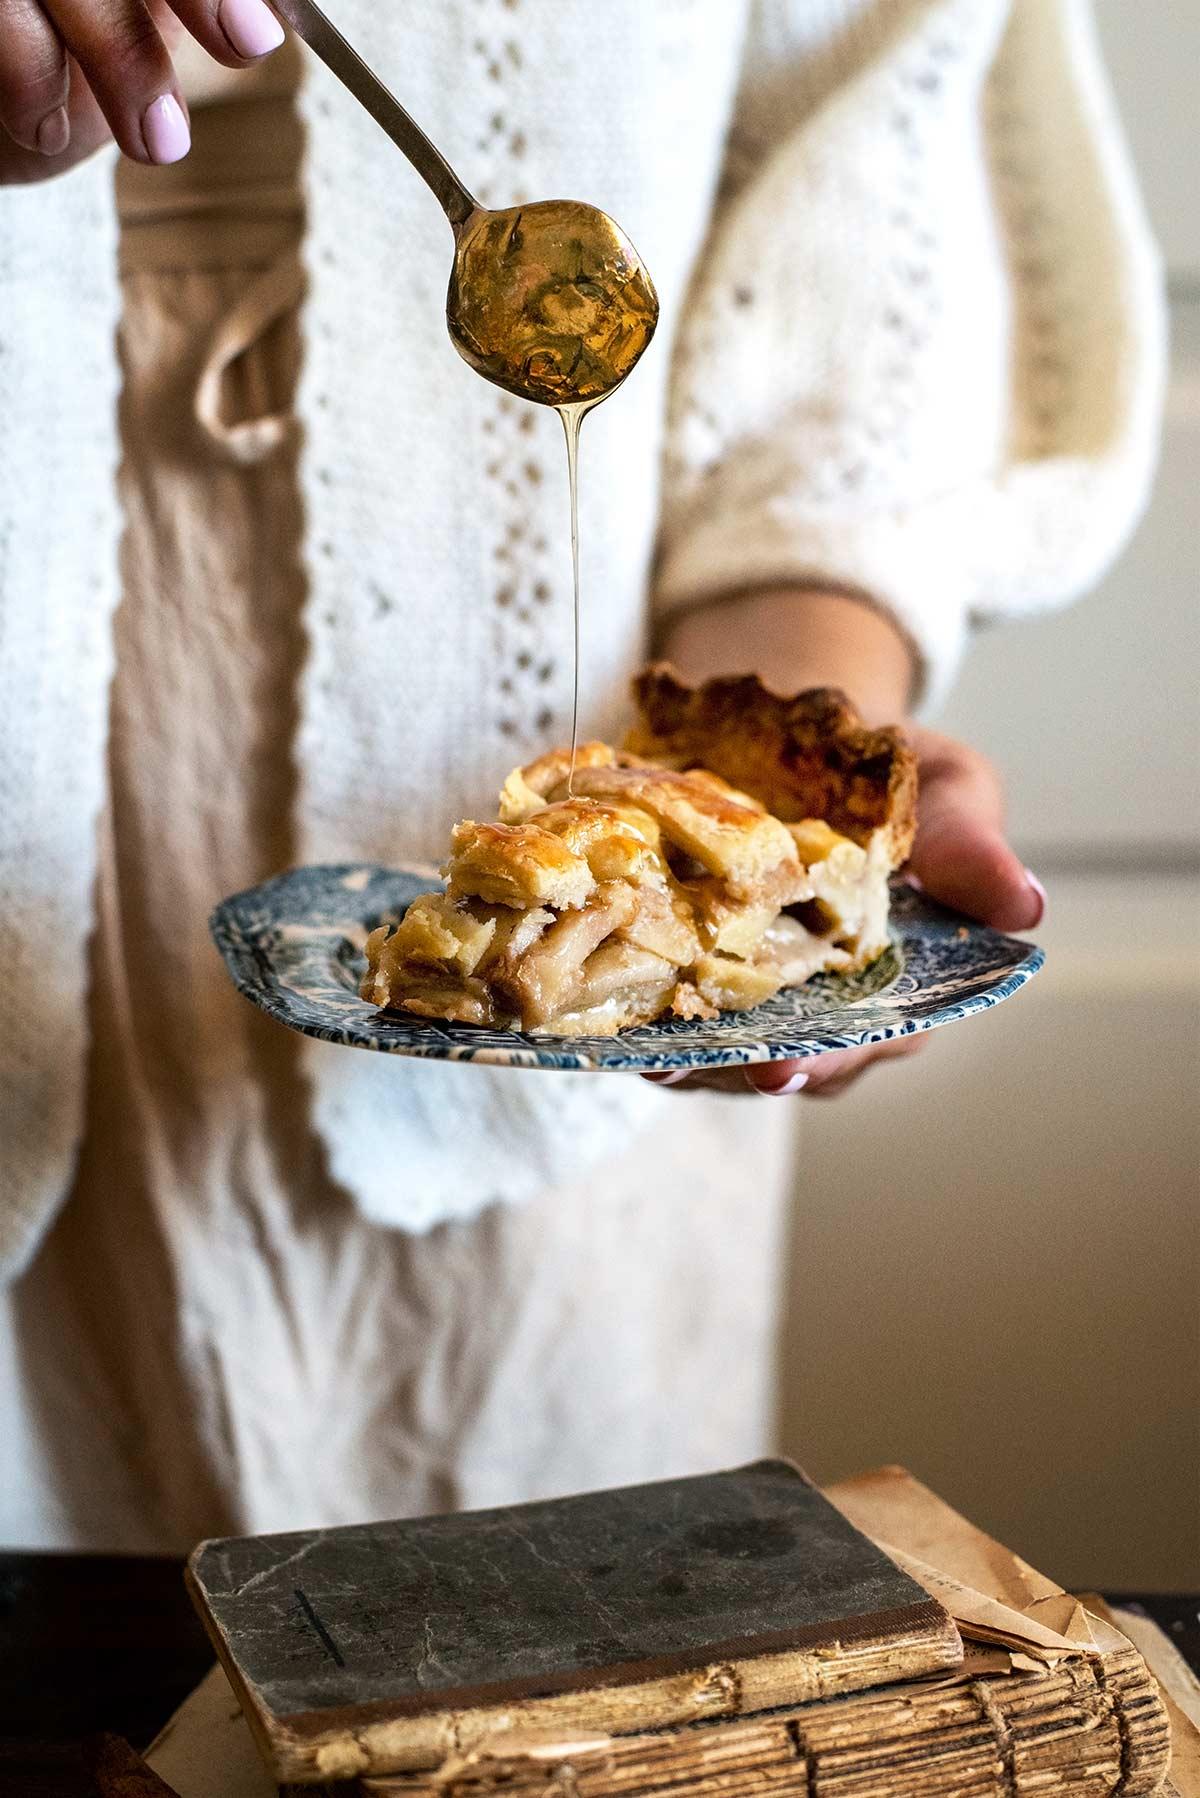 αχλαδόπιτα, τάρτα με αχλάδια